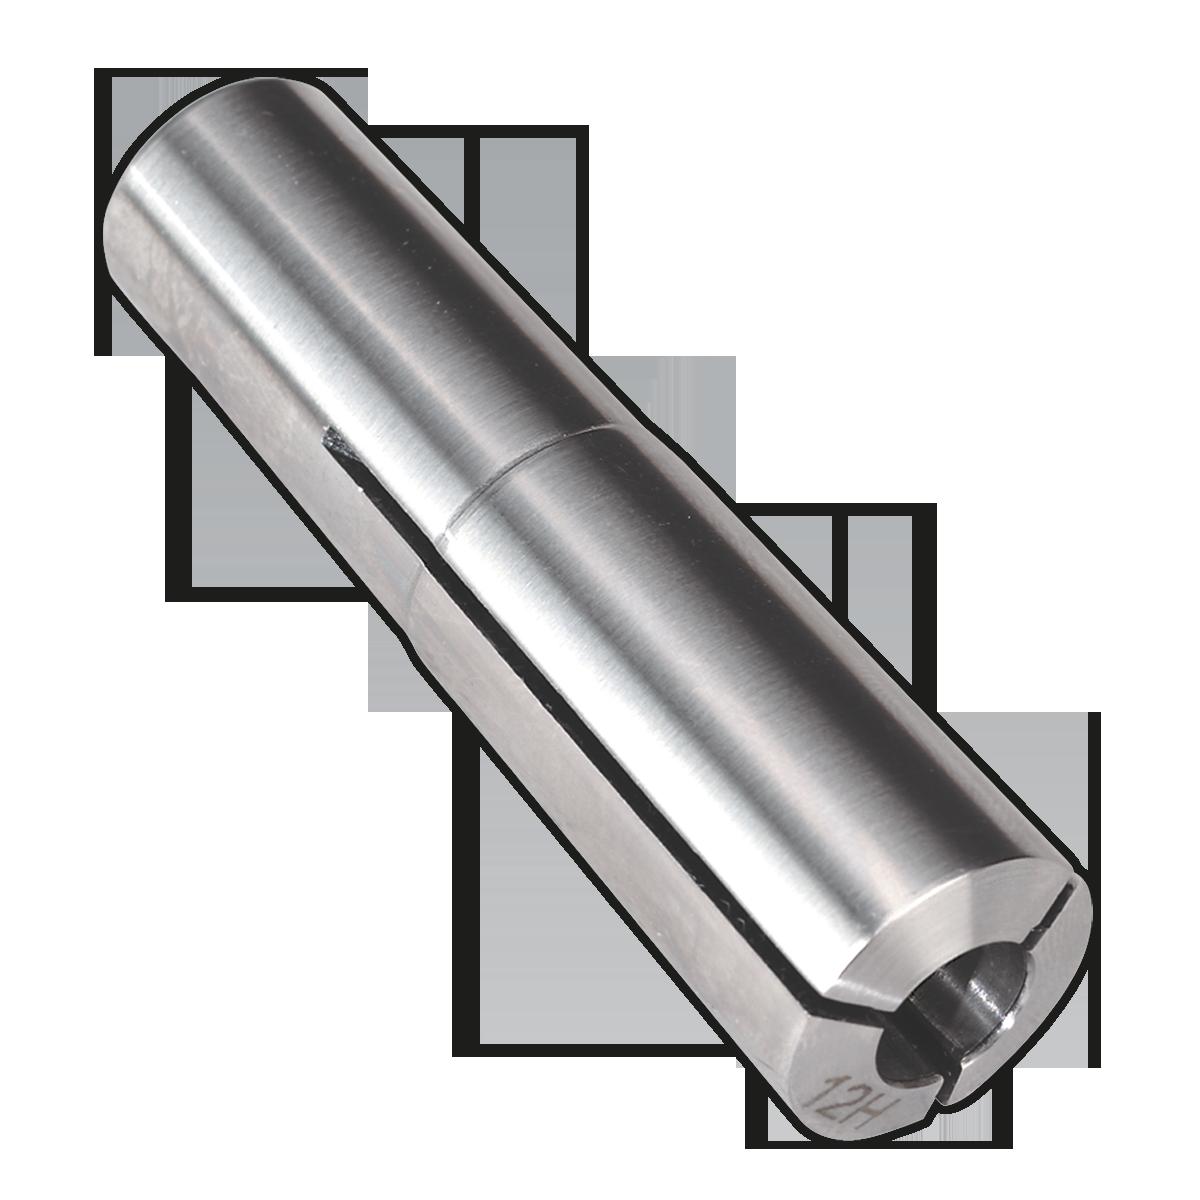 Collet MT3-M12 Ø12mm